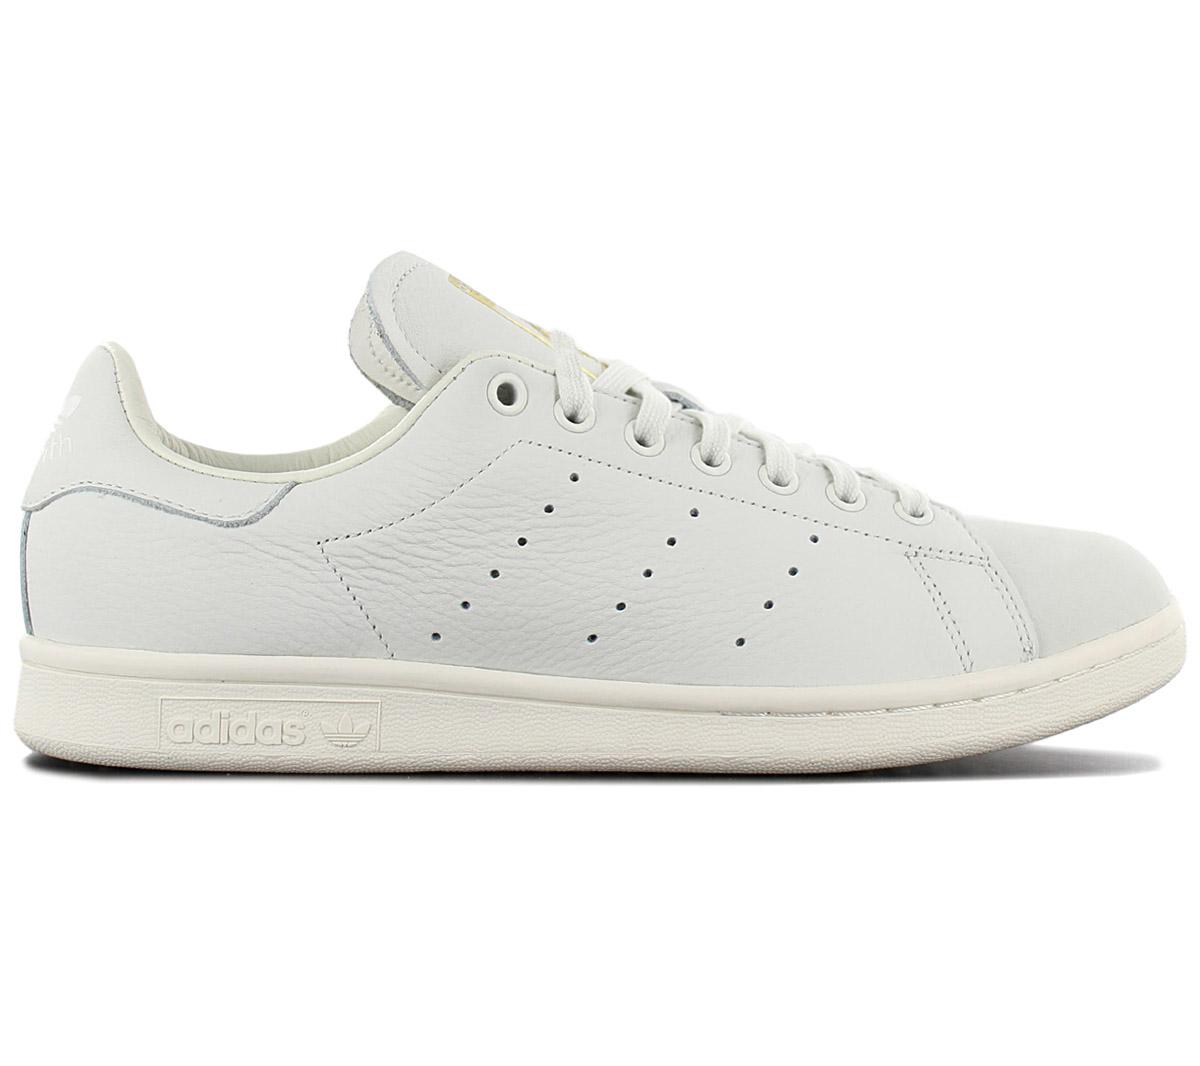 Adidas originals stan smith premium